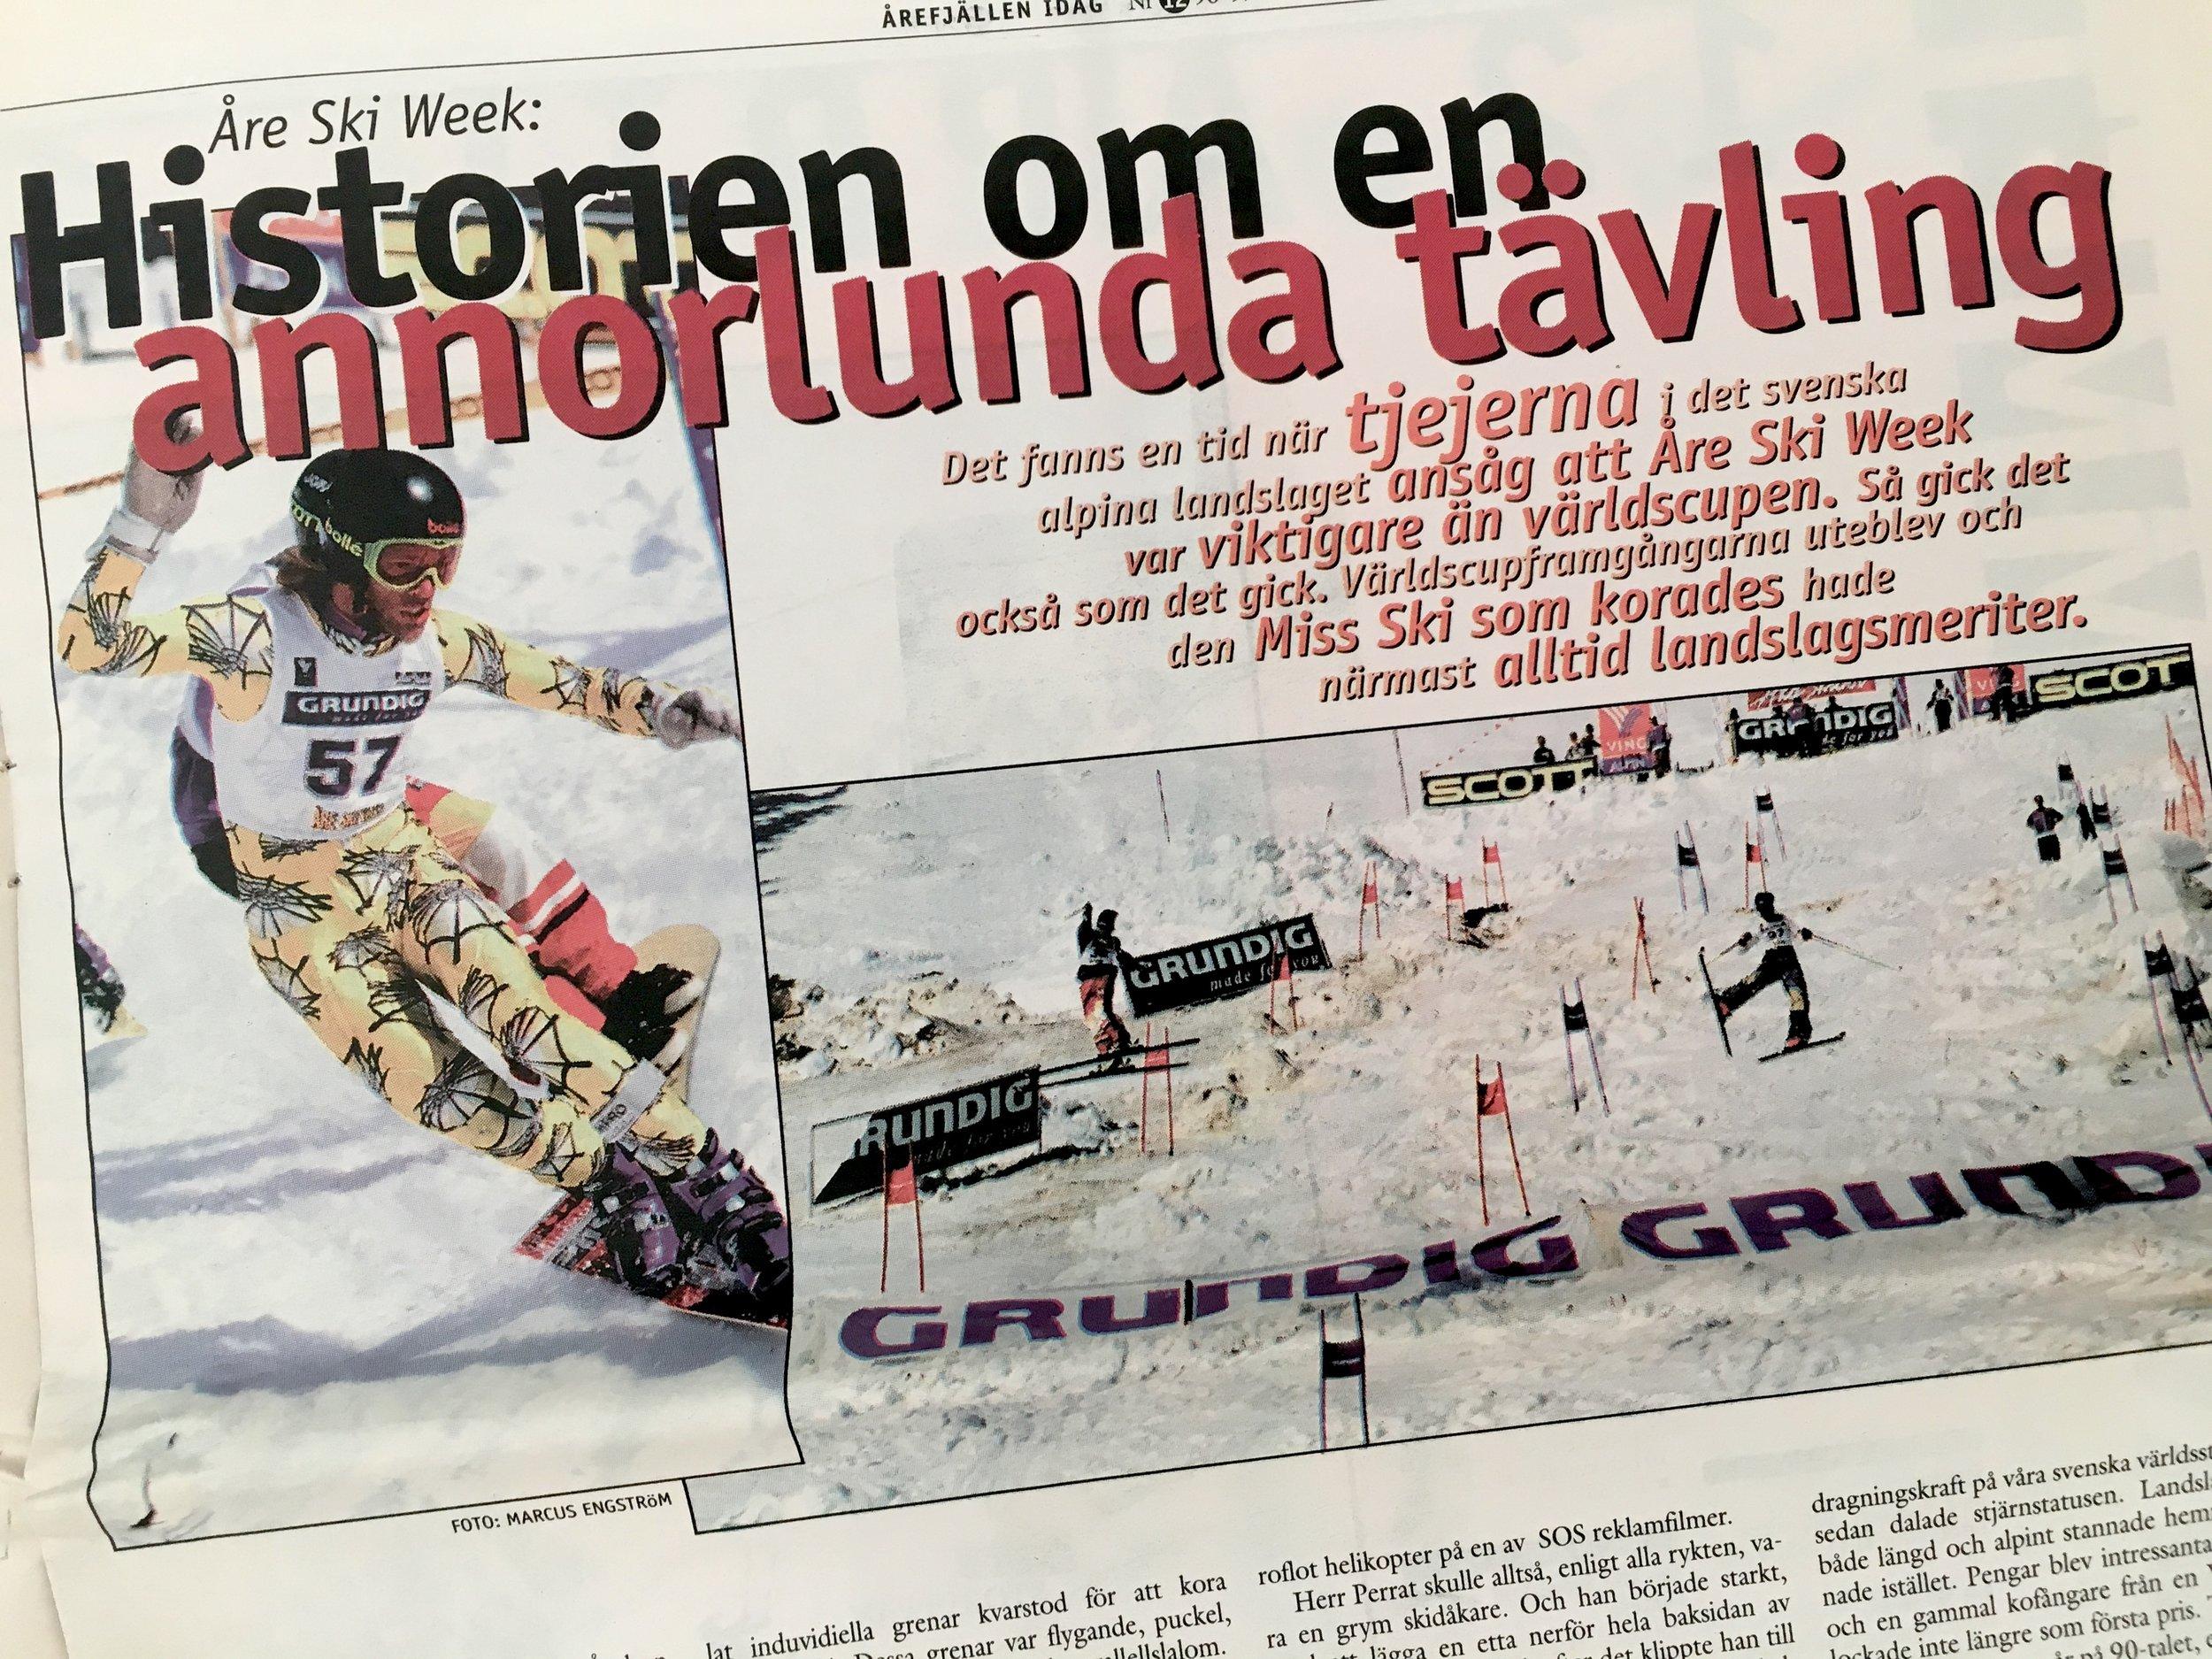 1998_skiweek_areidag.JPG